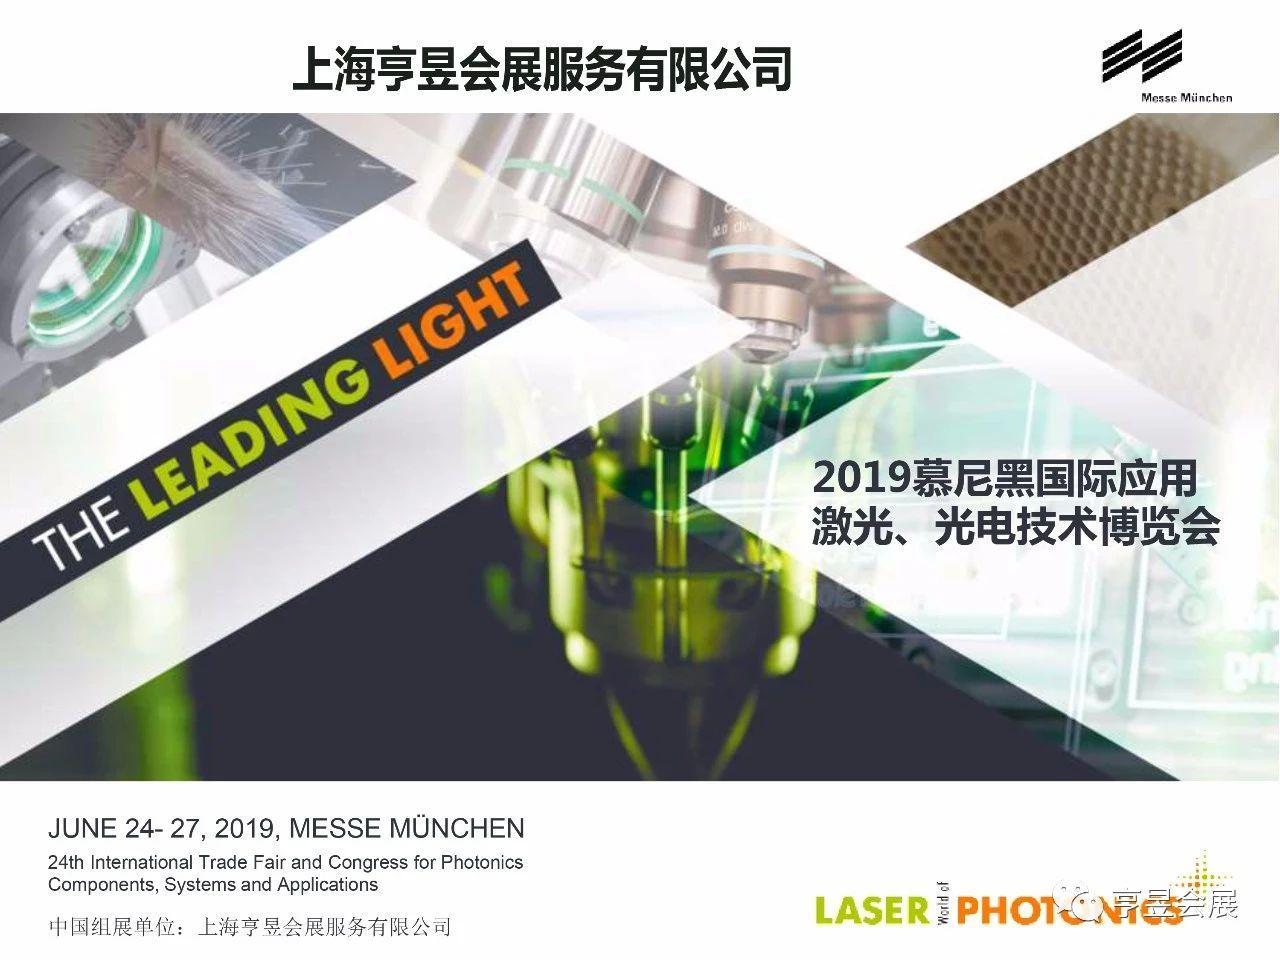 2021年德國慕尼黑國際應用激光、光電技術博覽會 LASER.World of Photonics 1